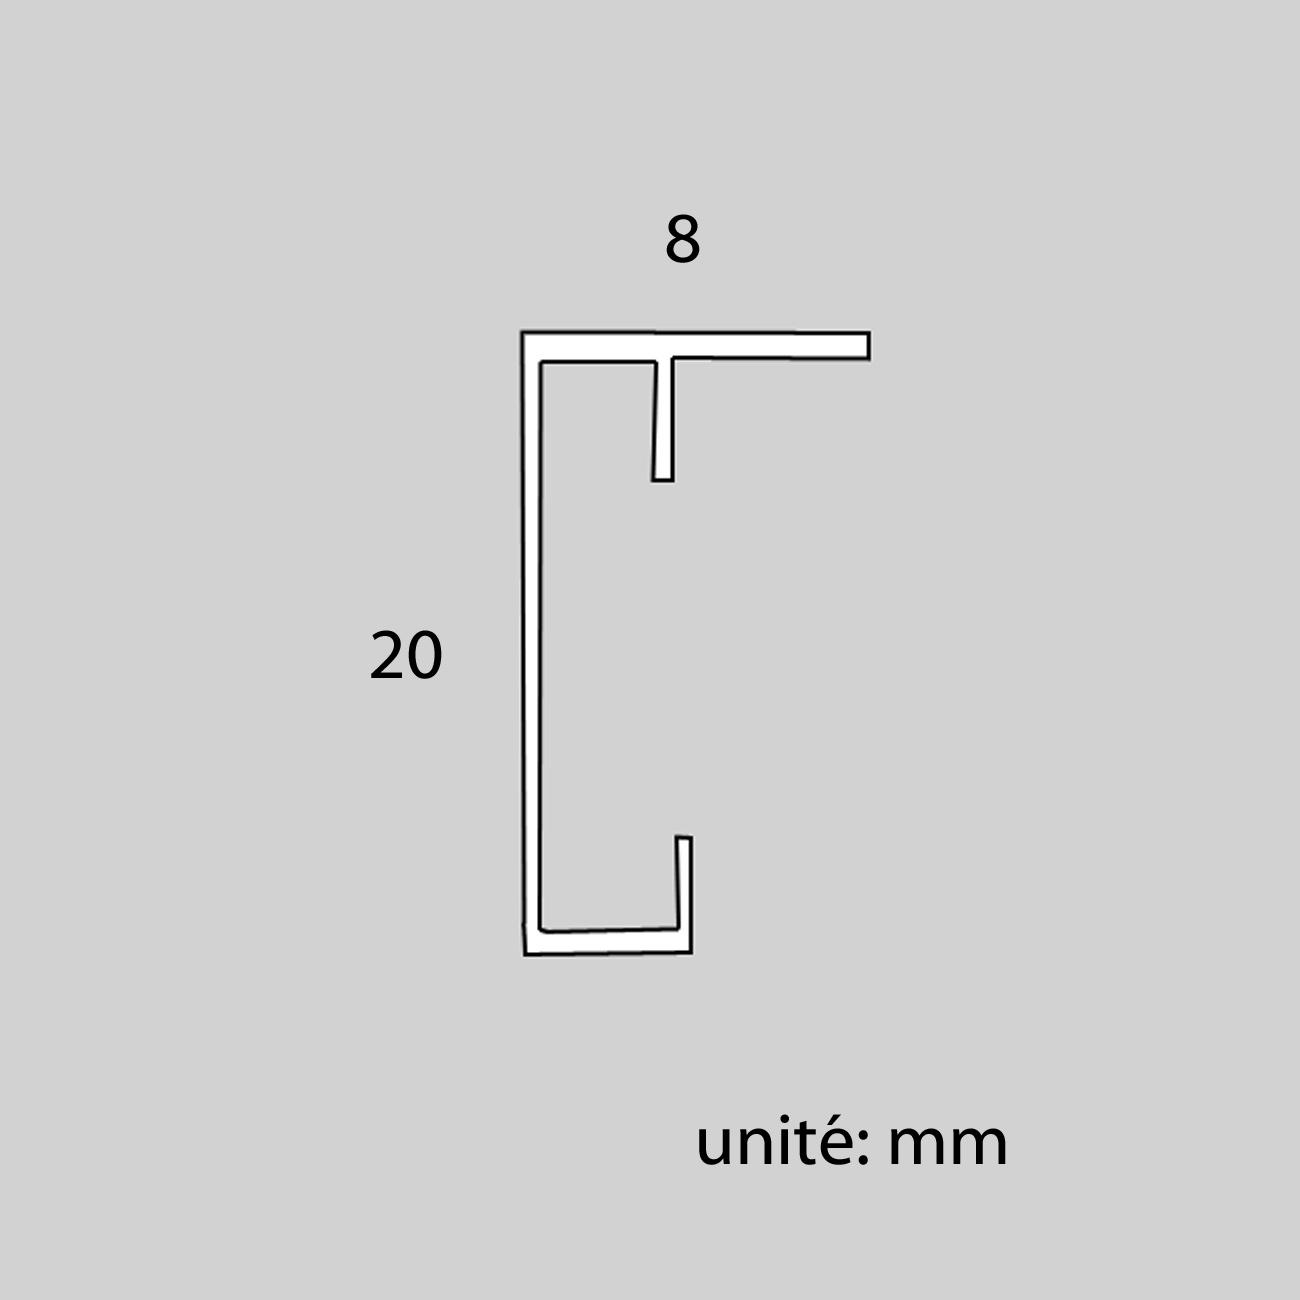 Cadre cadre complet de dimensions 20x20 cm, à suspendre. plexi une face normale, une face anti reflet. attache horizontale et verticale. montage et démontage rapide par ressort. fond en isorel. - 20x20